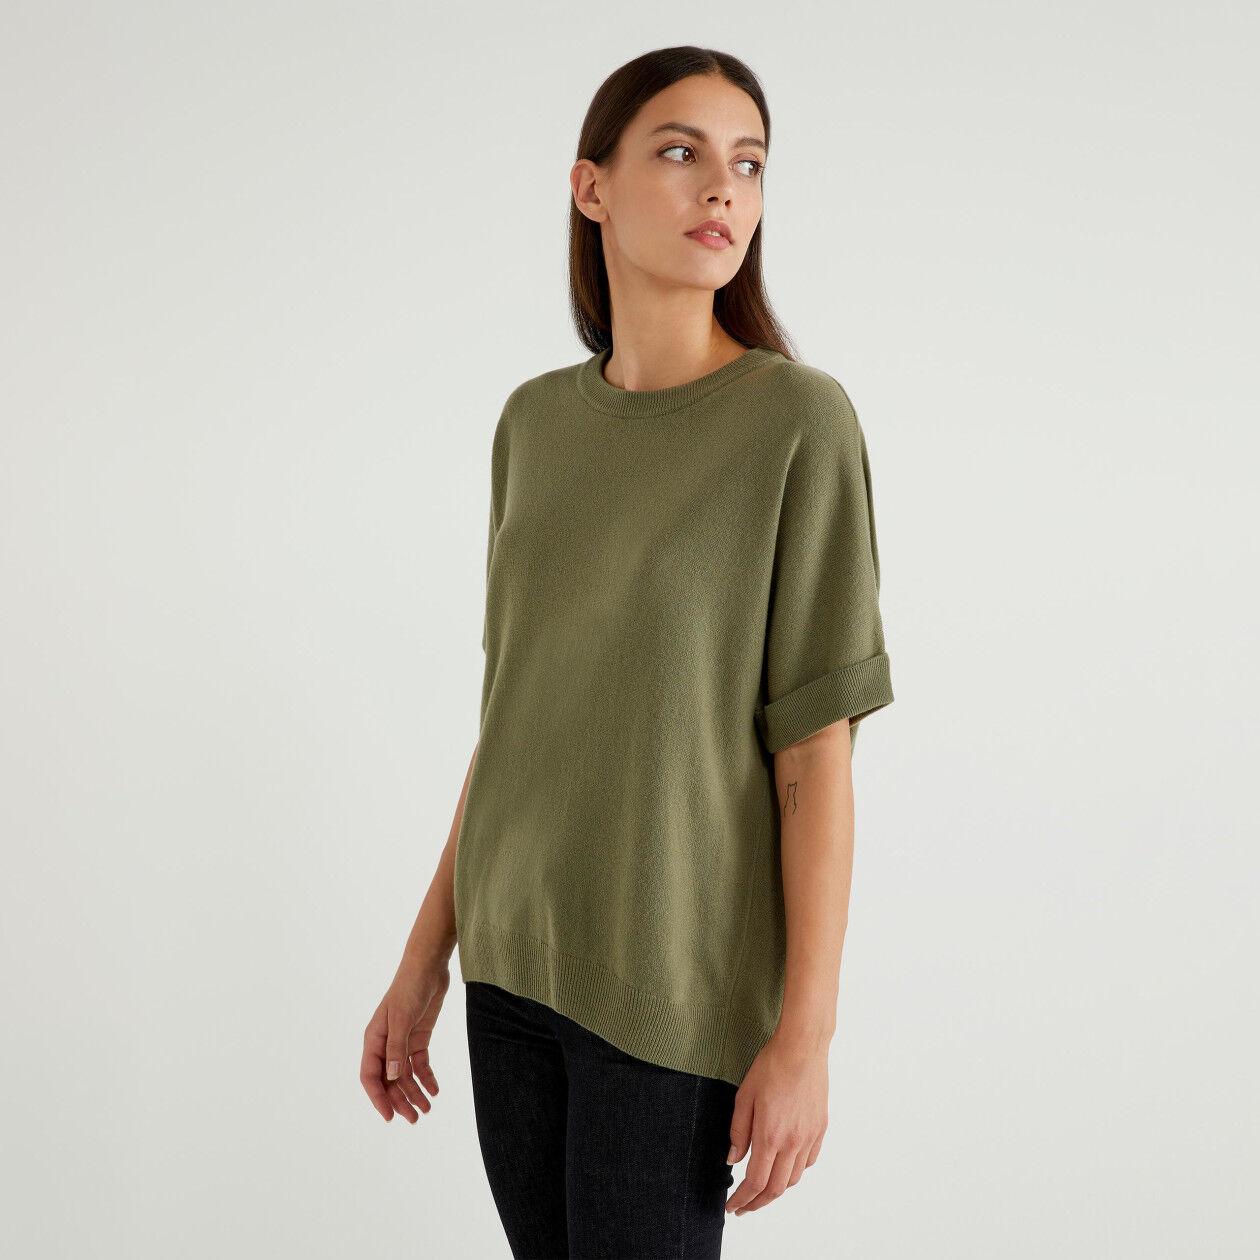 Pullover aus einer Wollmischung mit kurzen Ärmeln